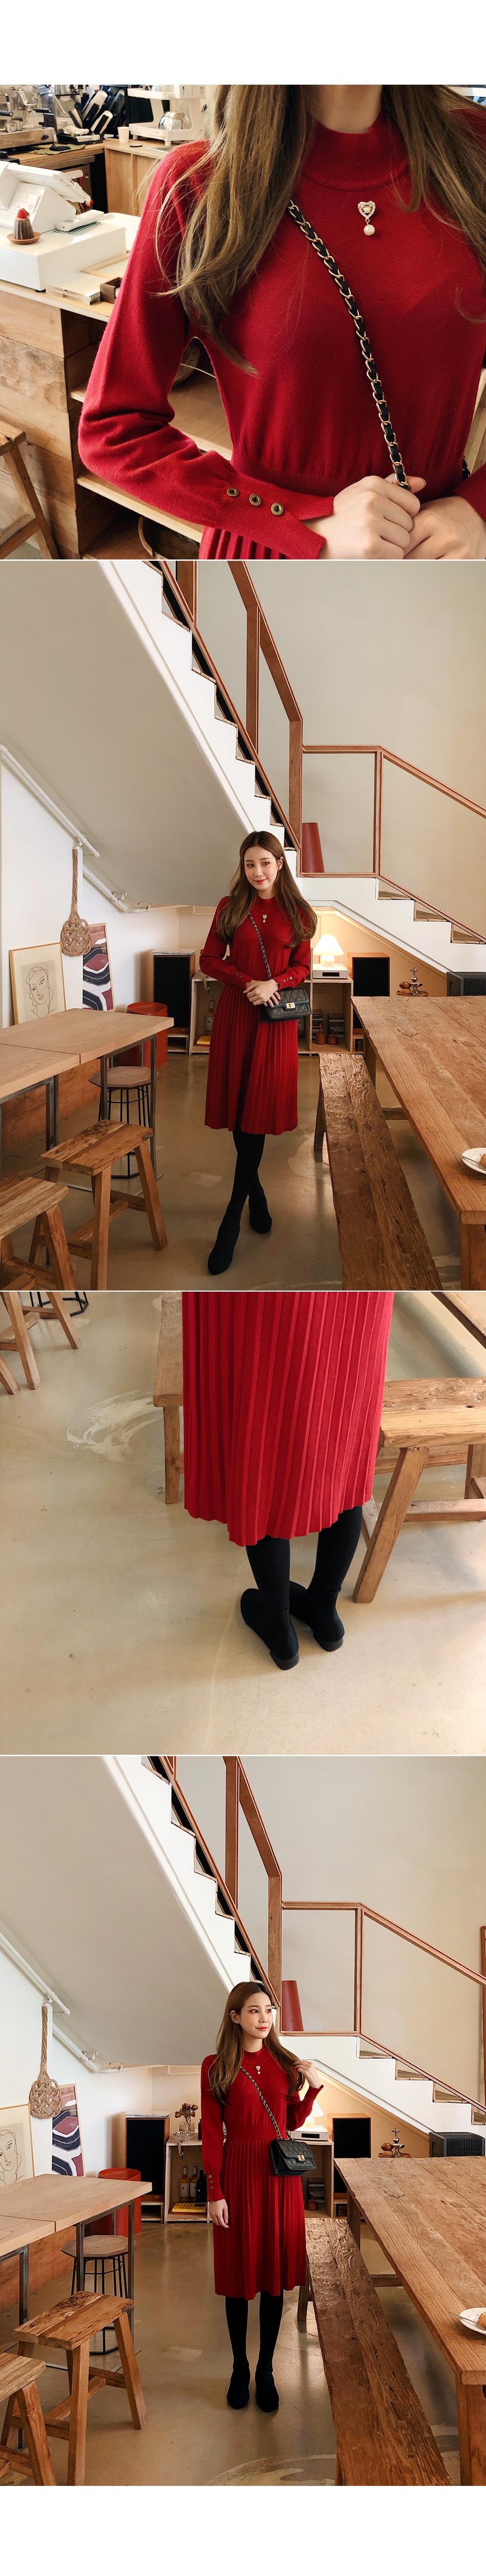 Heart brooch knit dress